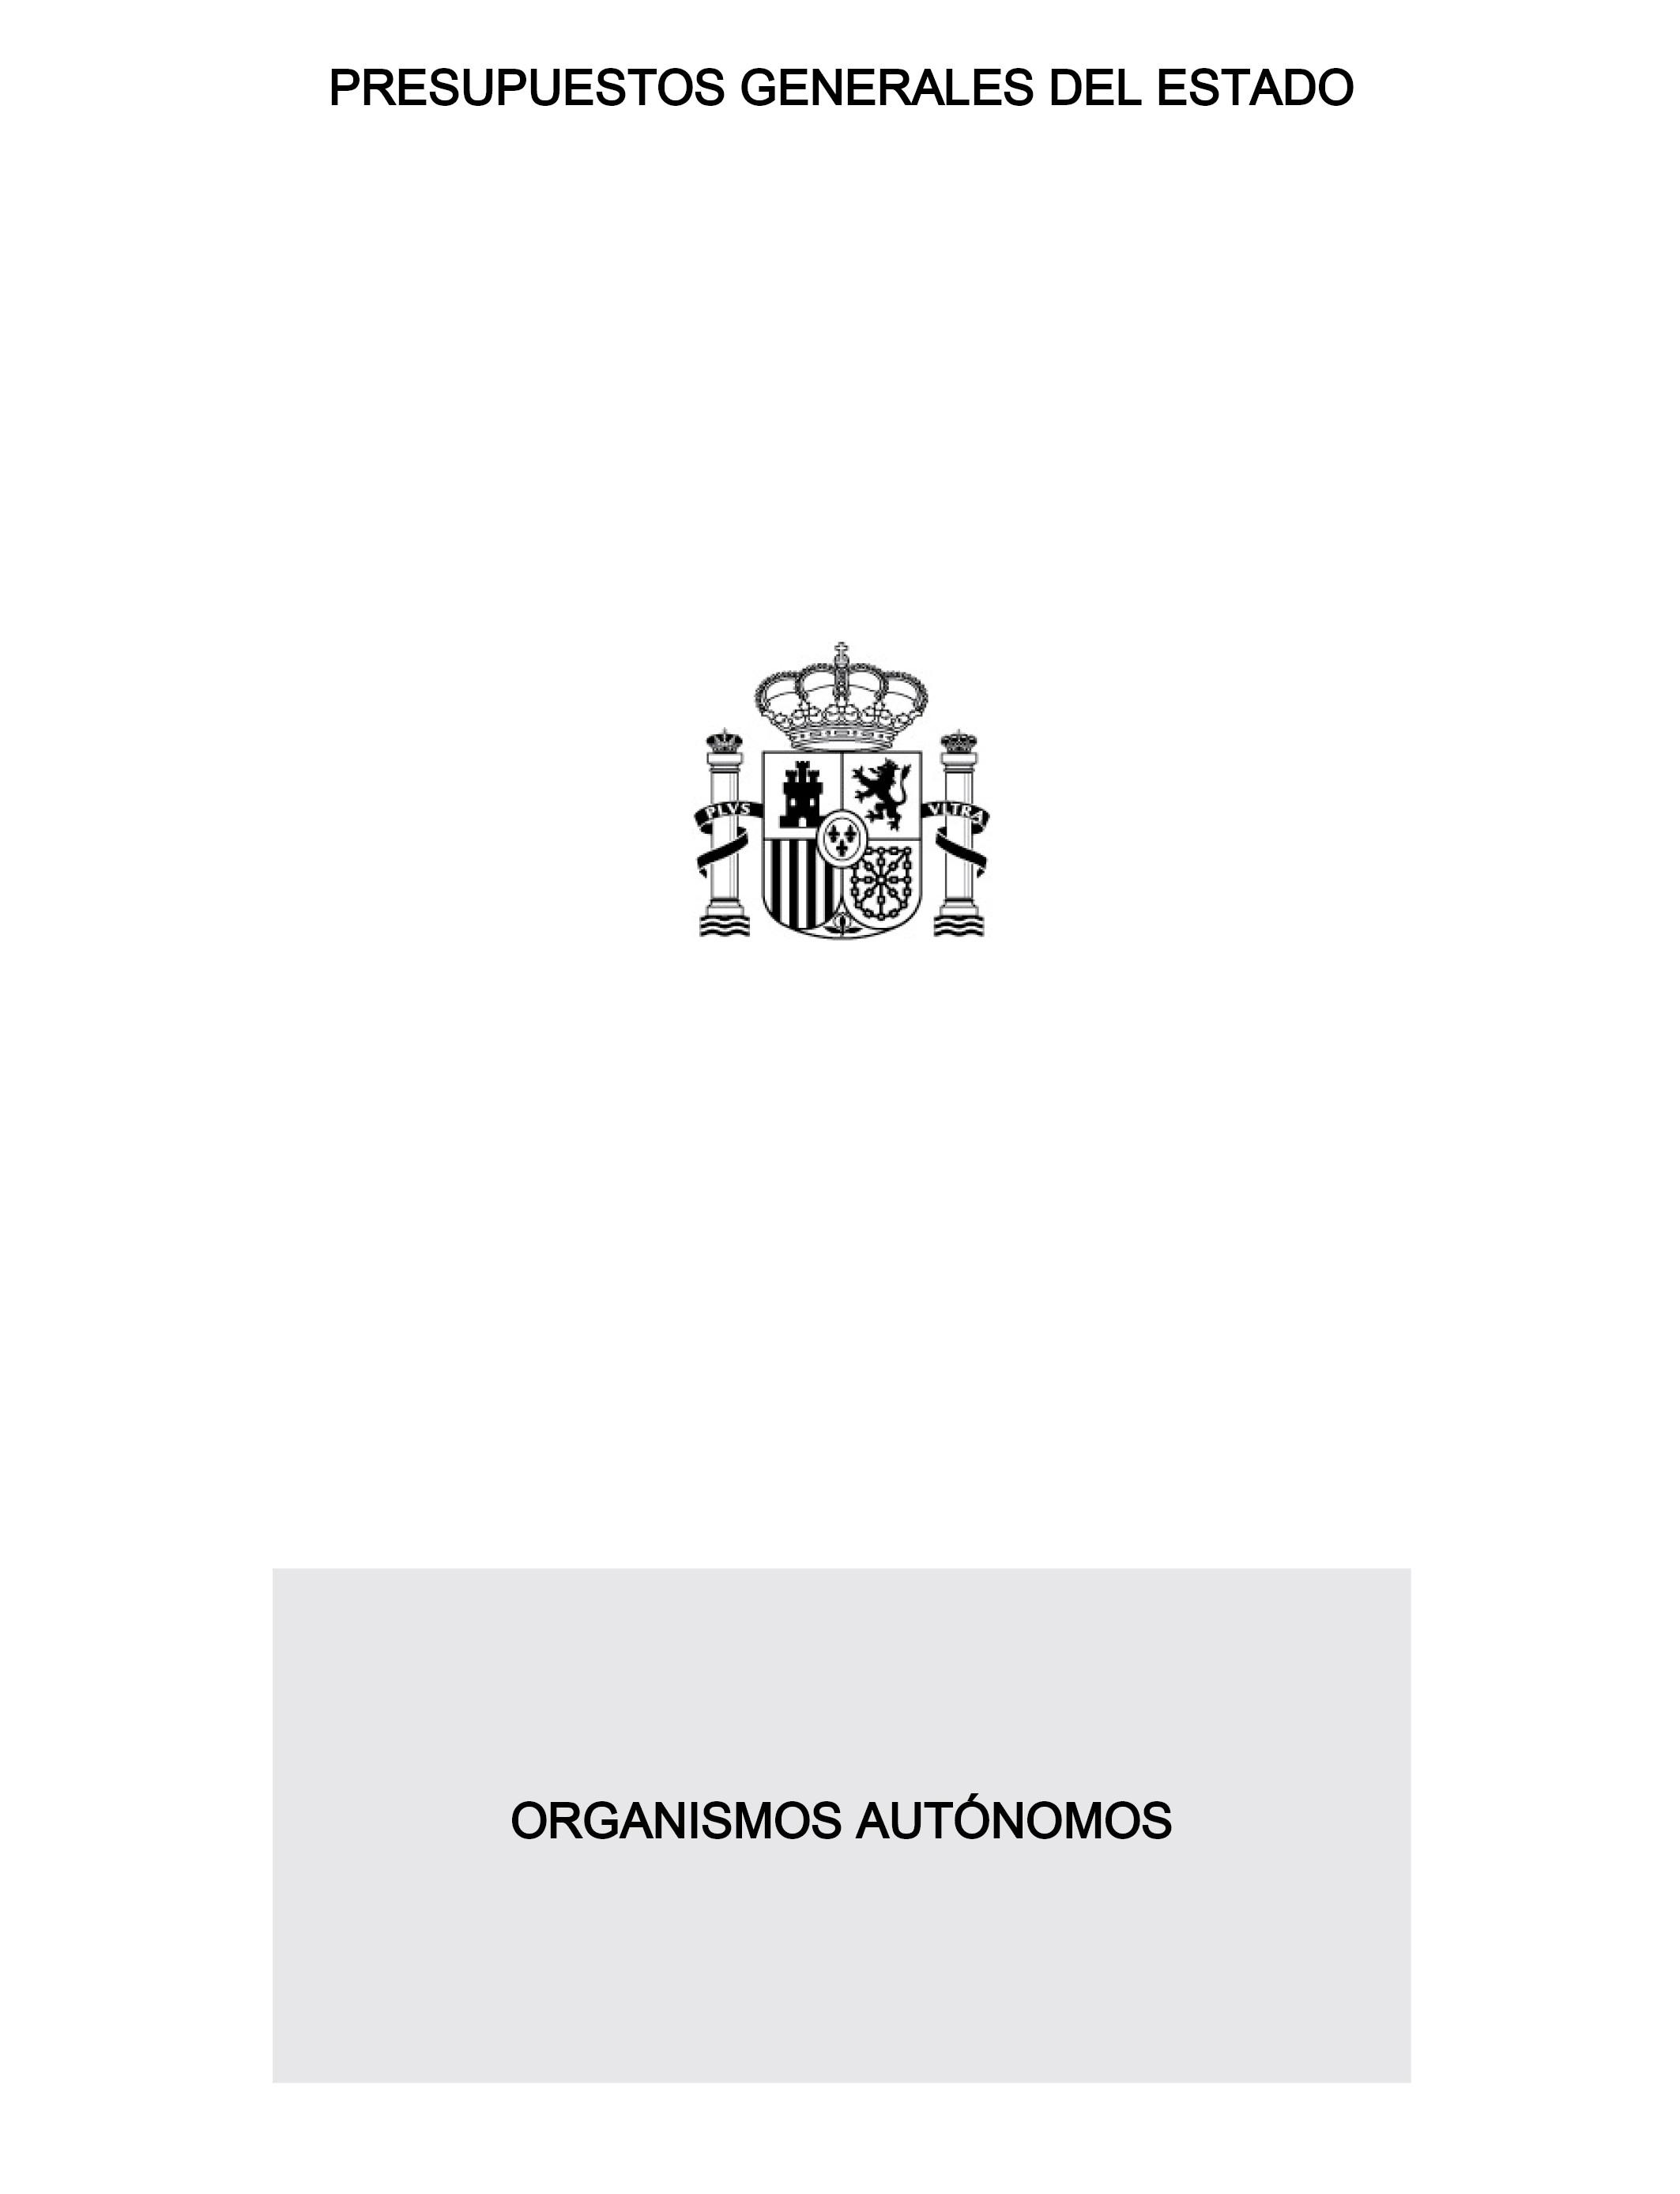 BOE Documento consolidado BOE A 2018 9268